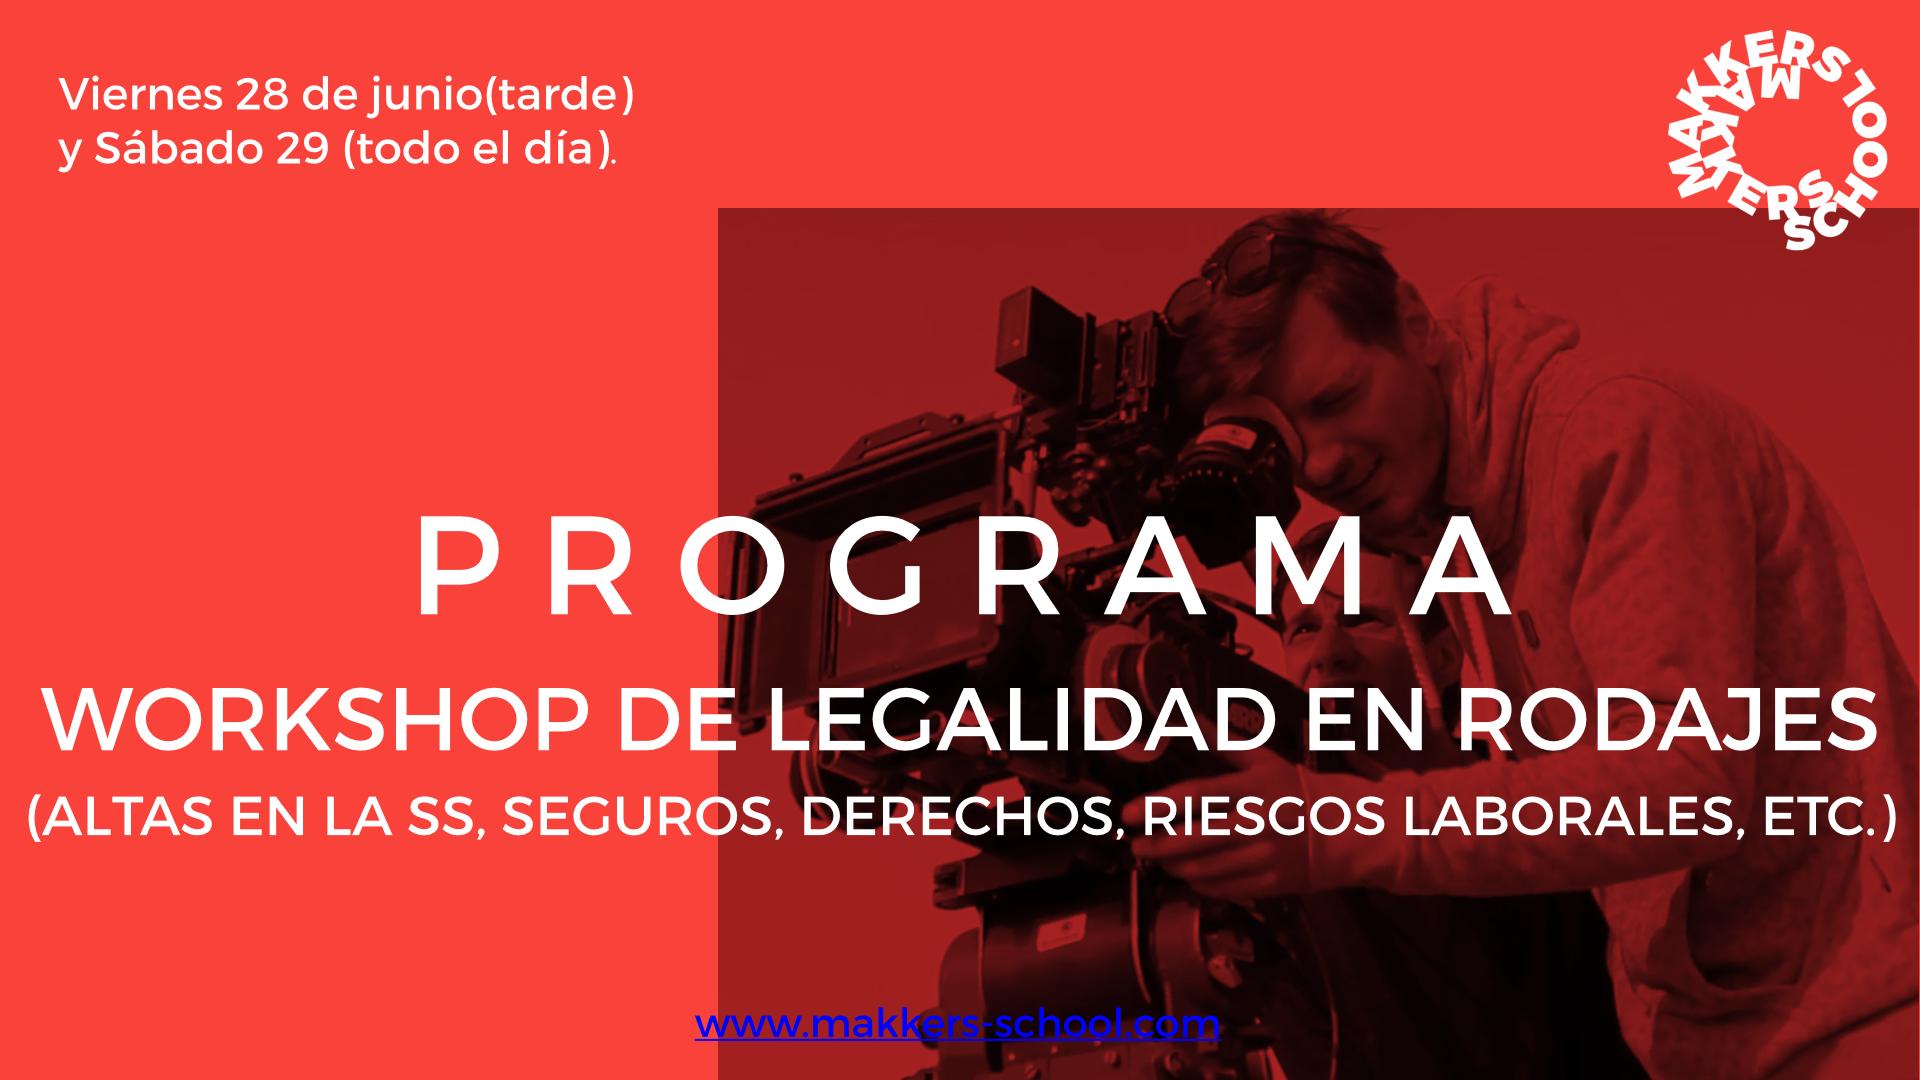 Workshop de Legalidad-Programa segunda edición Madrid.001.jpg